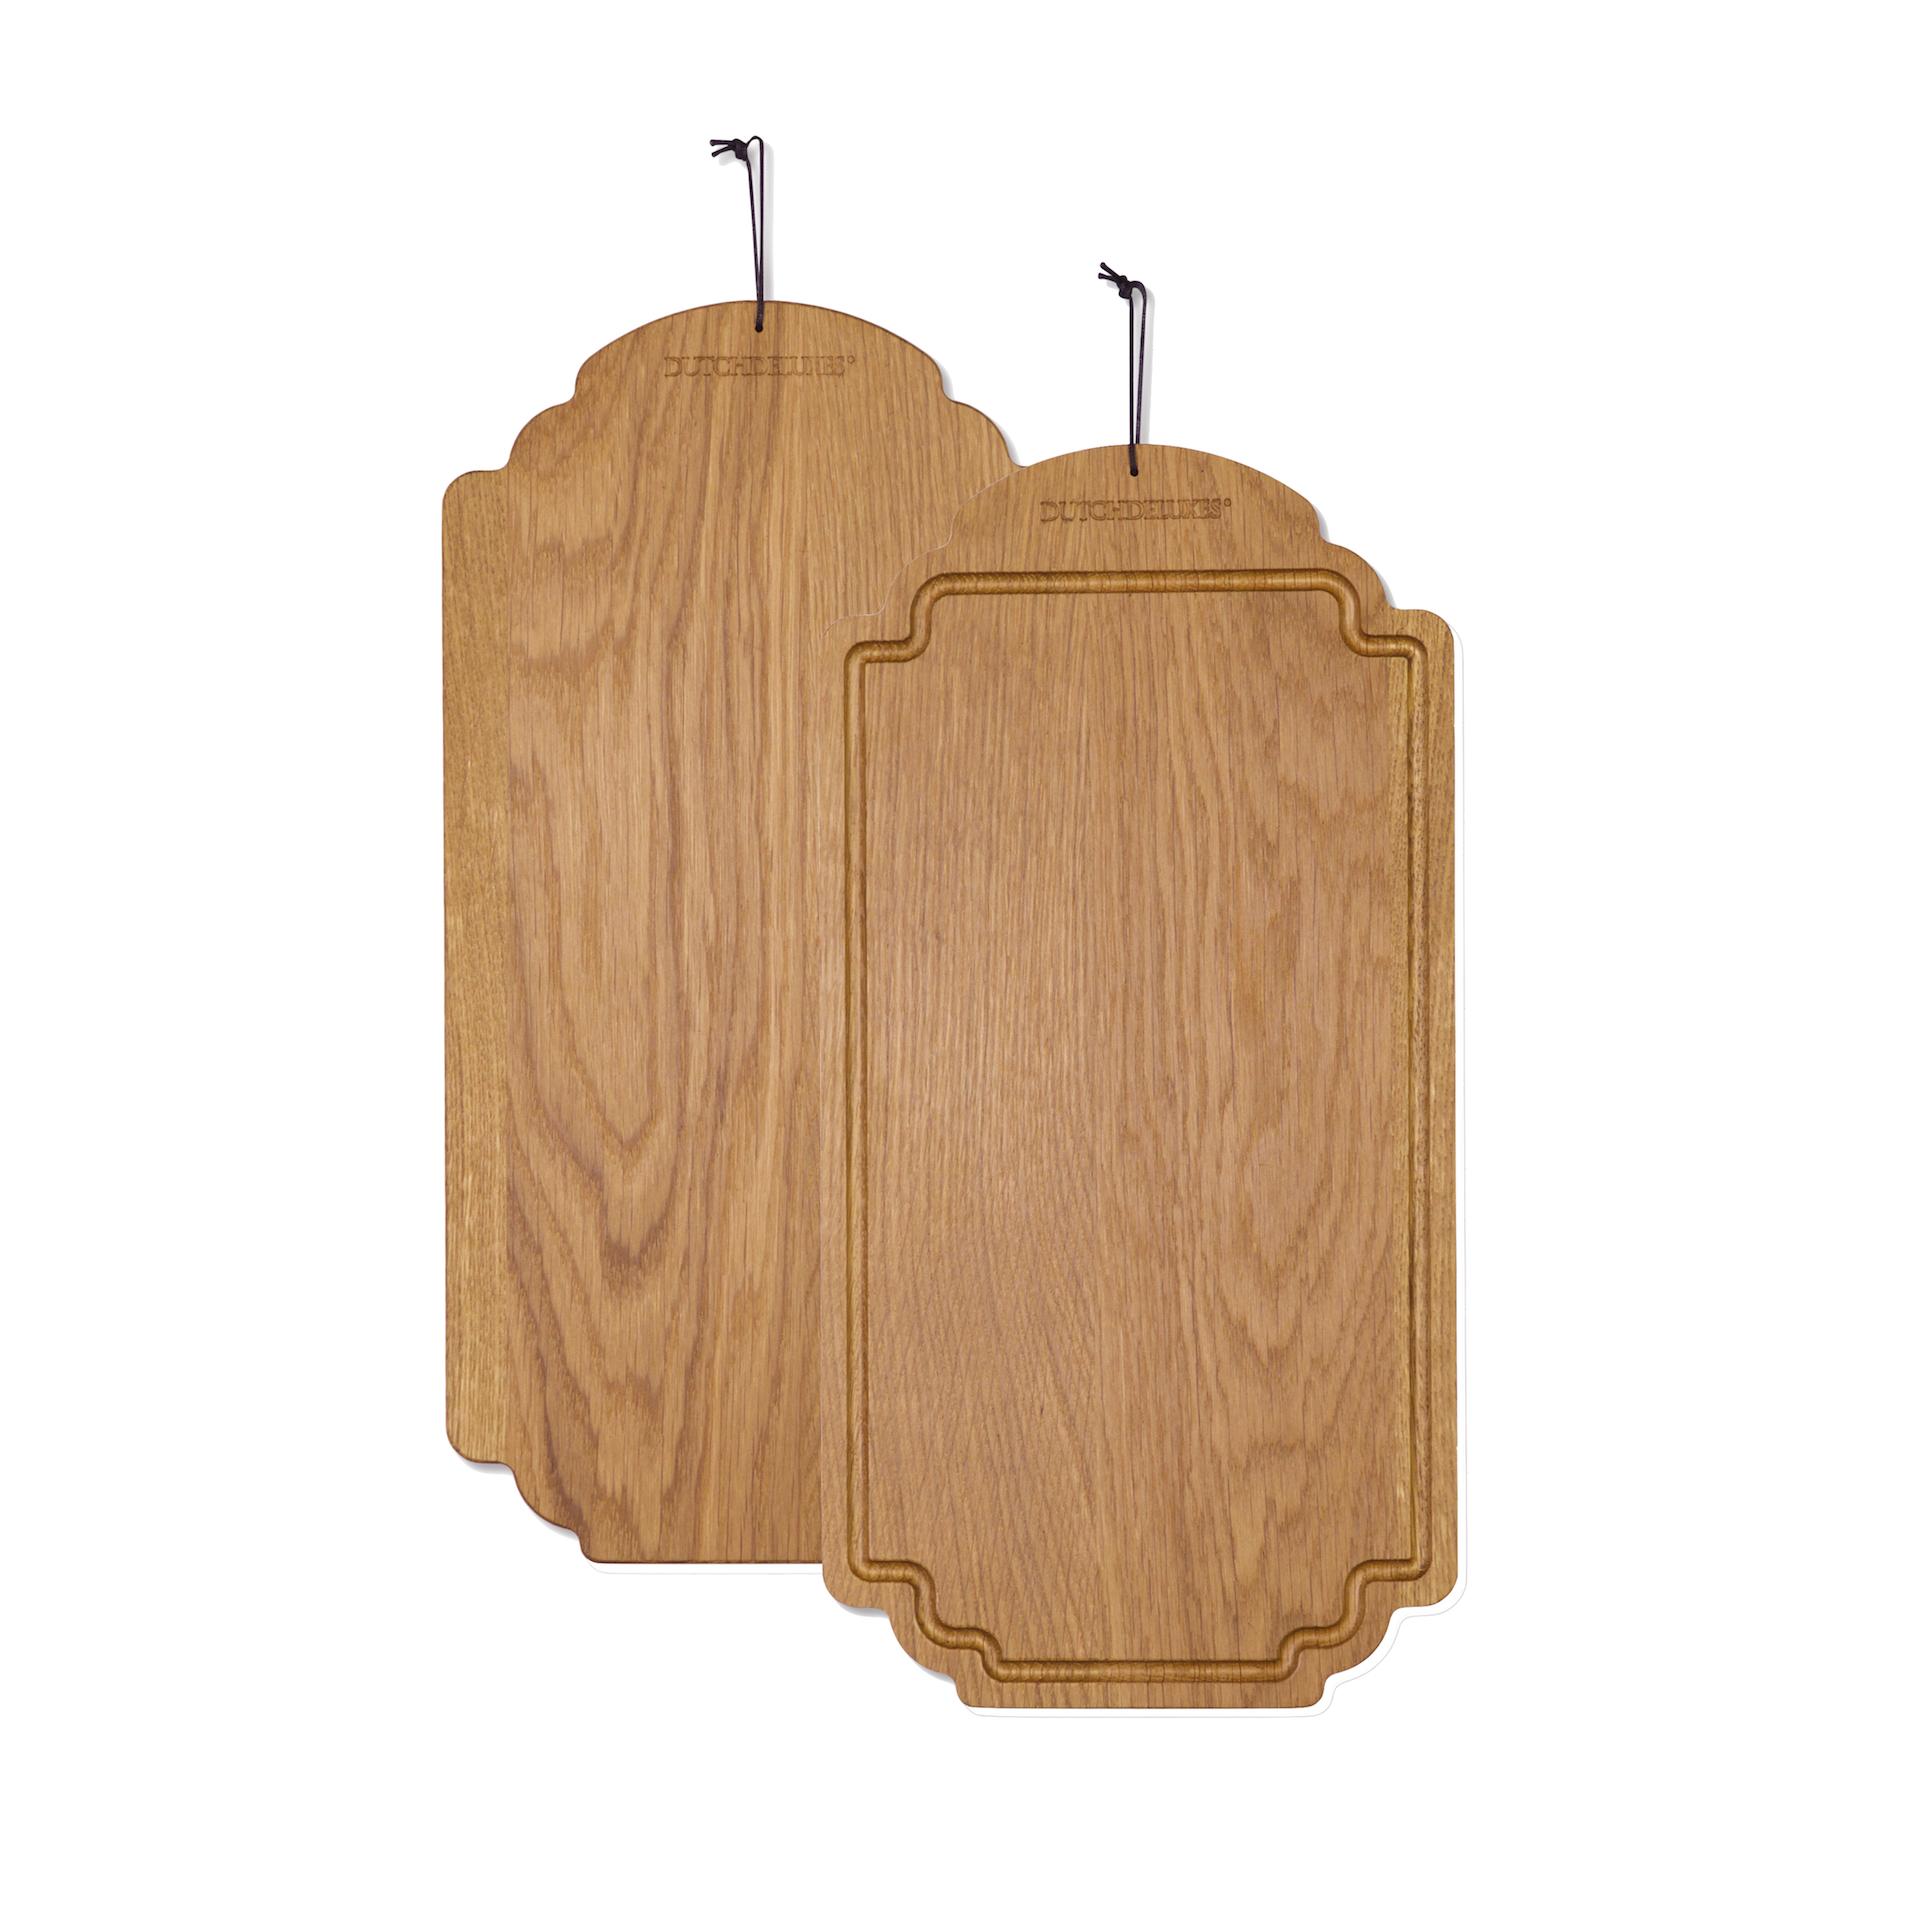 Breakfast Board Frame